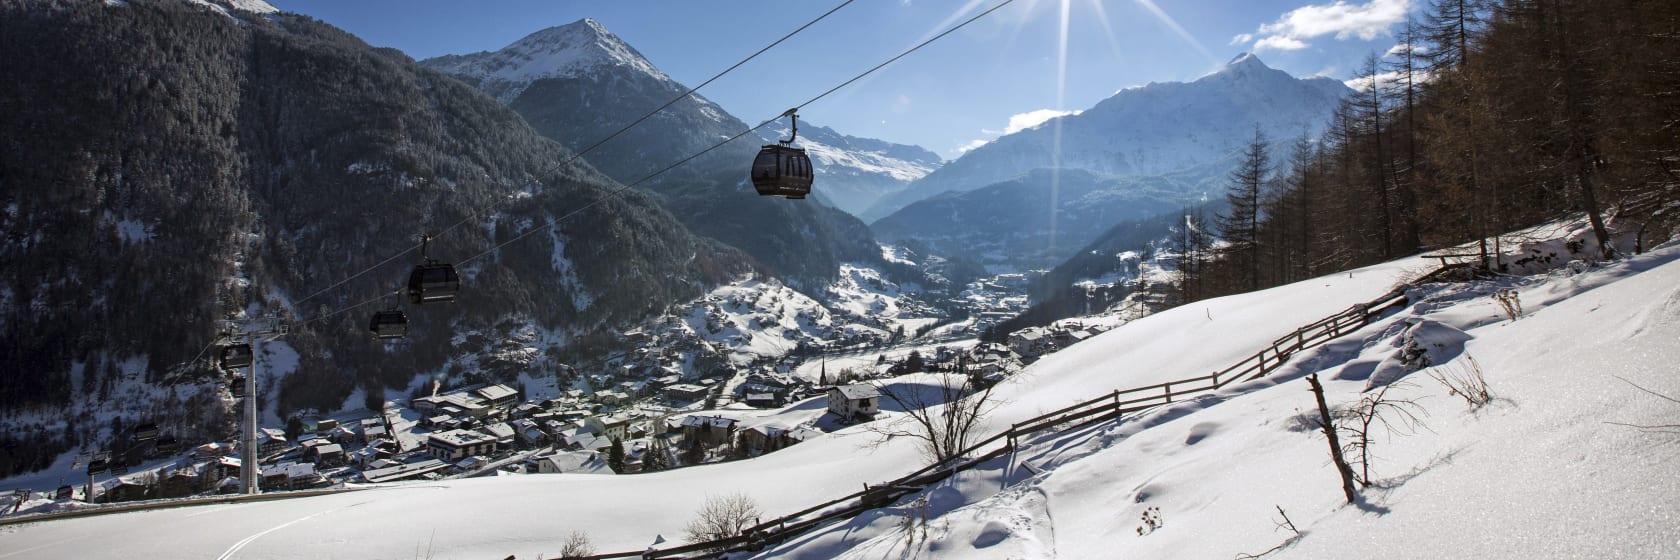 Skilift i bjergene med sne og blå himmel i Østrig